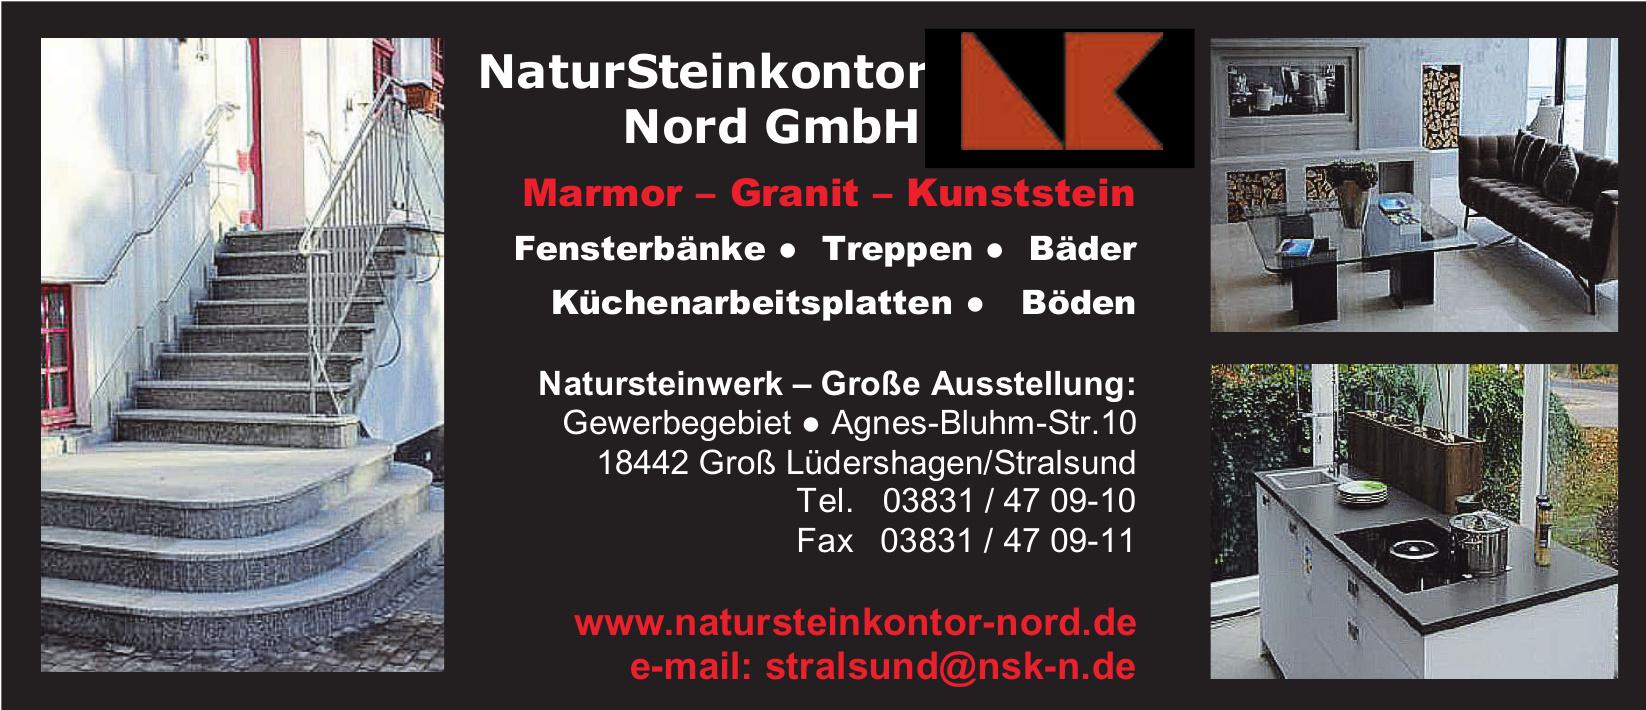 NaturSteinkontor Nord GmbH